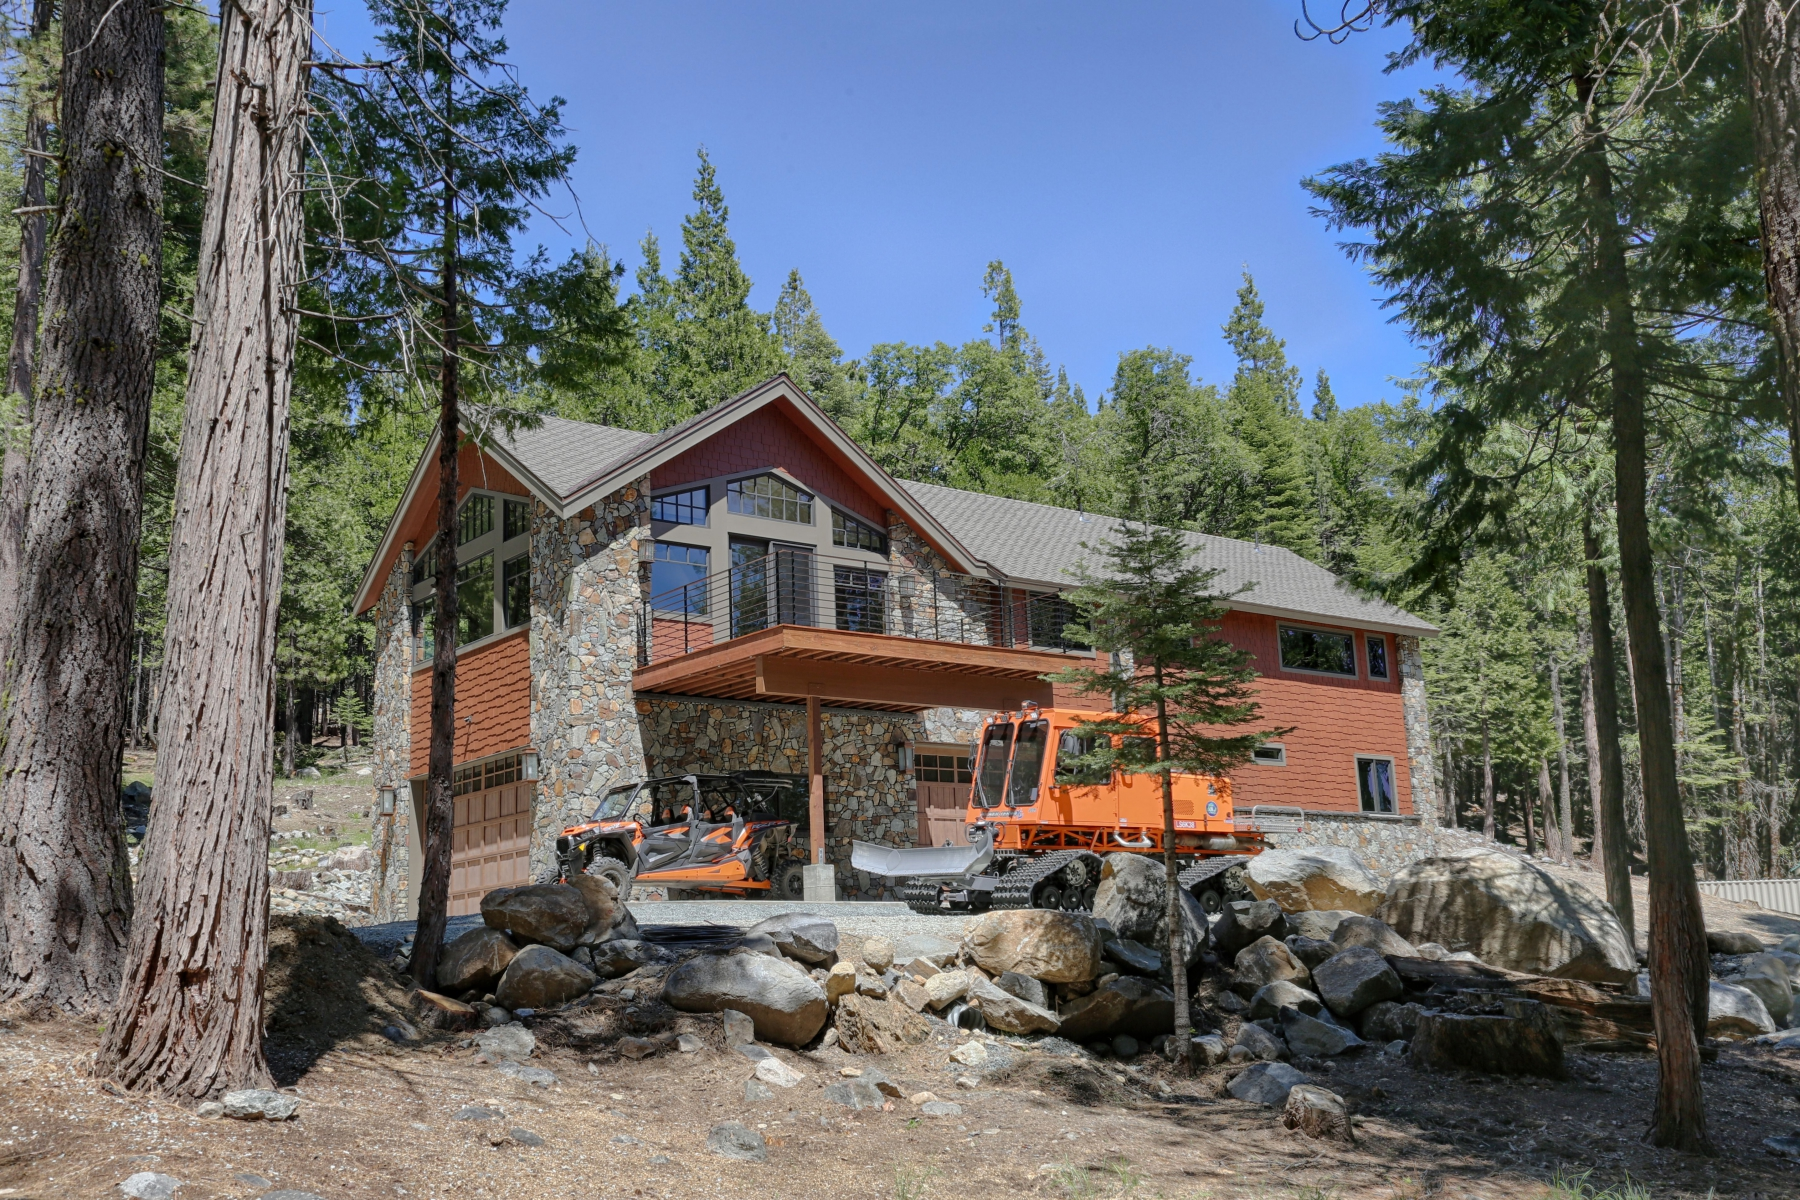 独户住宅 为 销售 在 37255 Obsidian Way, Soda Springs, California 95728 Soda Springs, 加利福尼亚州 95728 美国